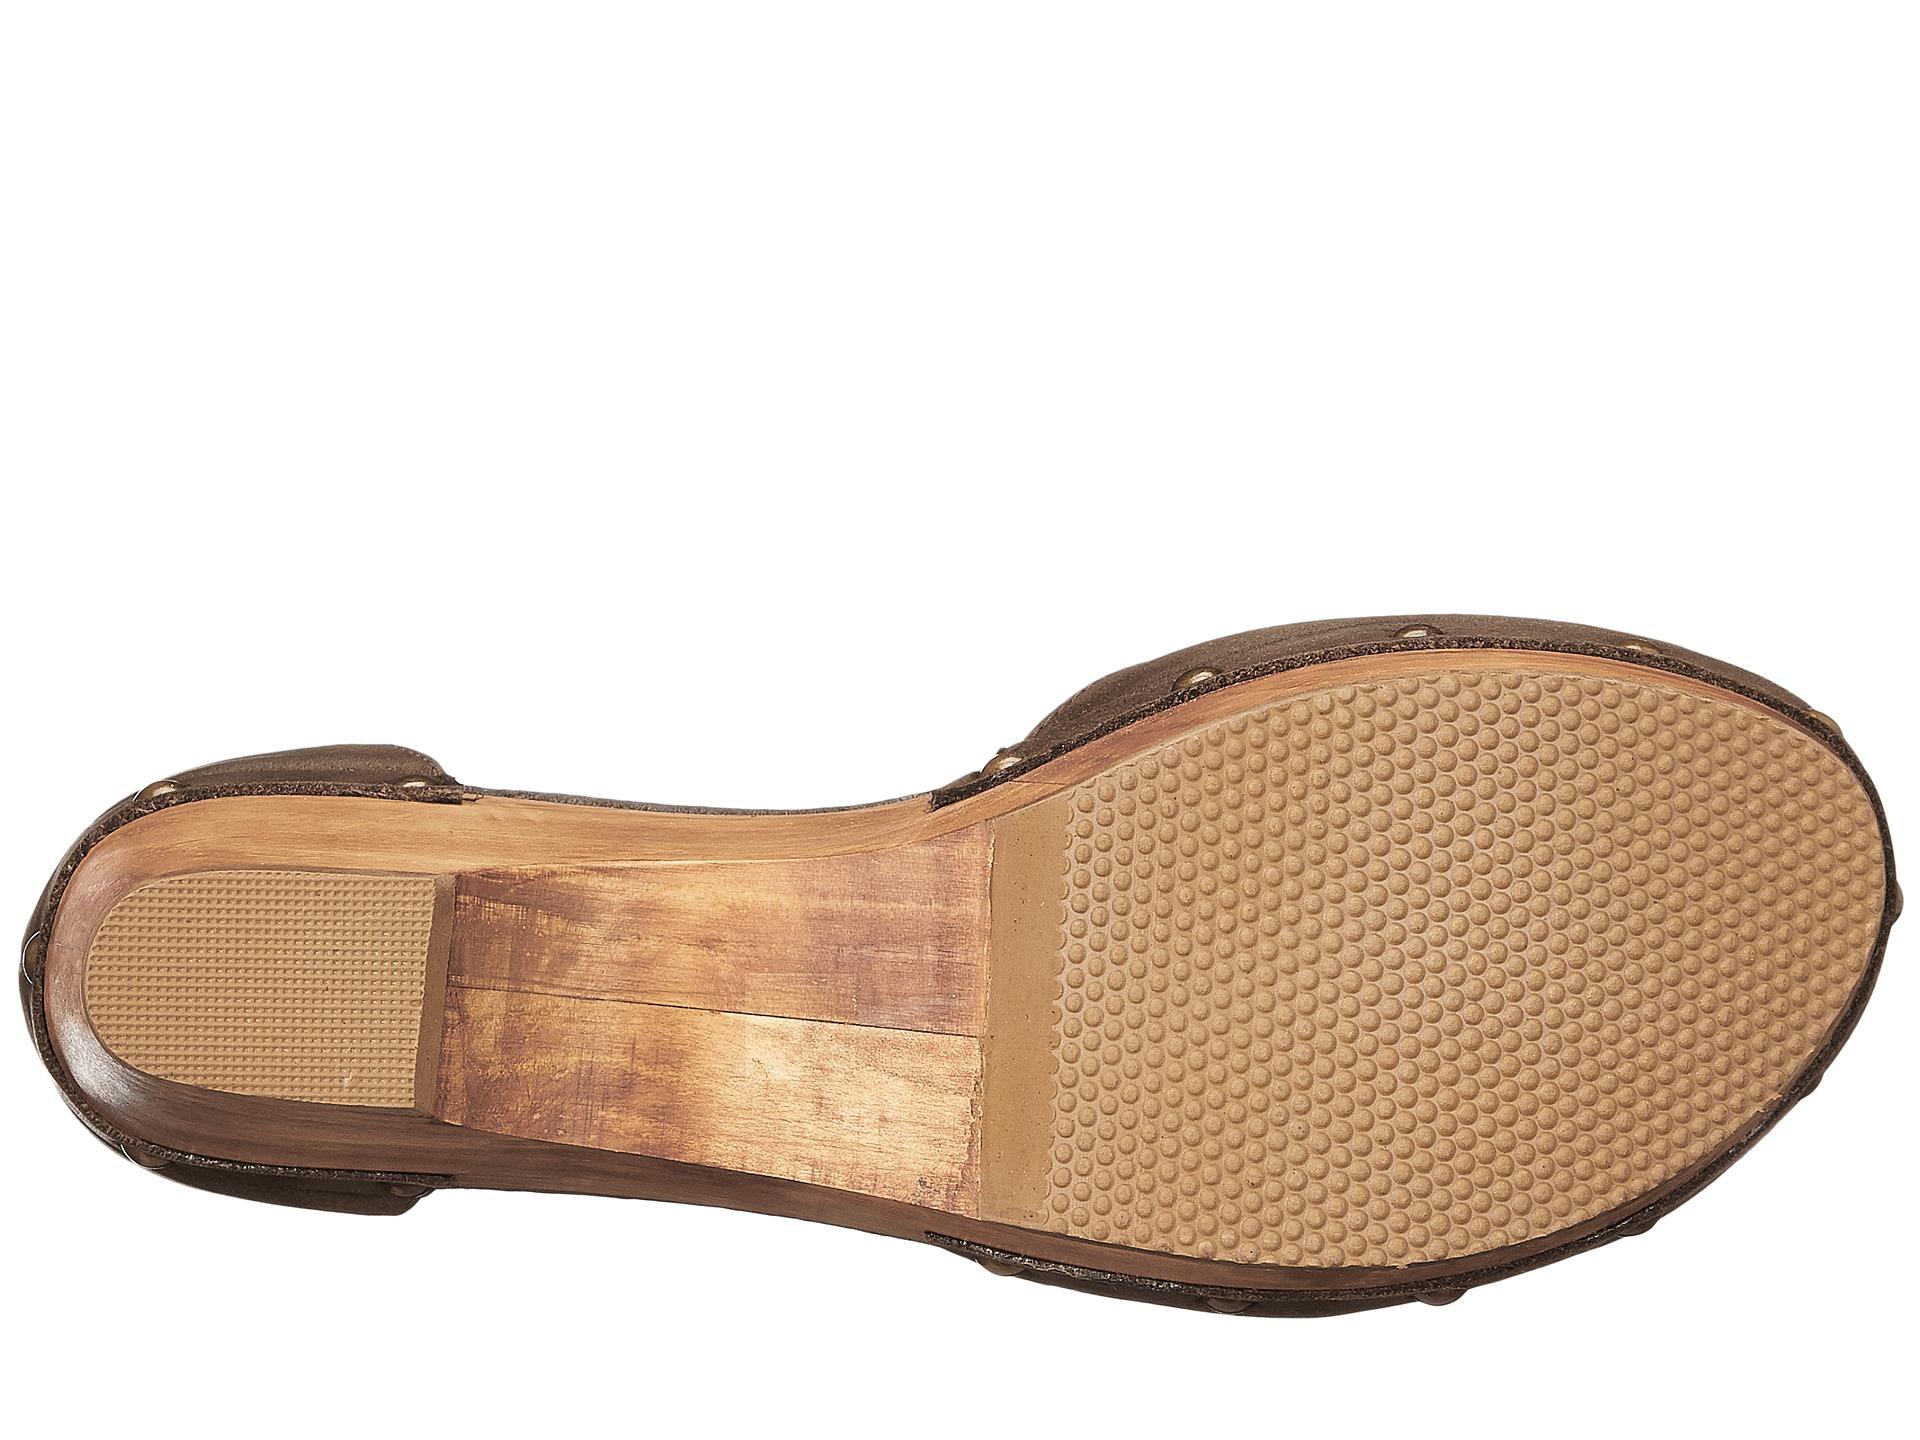 Zula Shoes Reviews